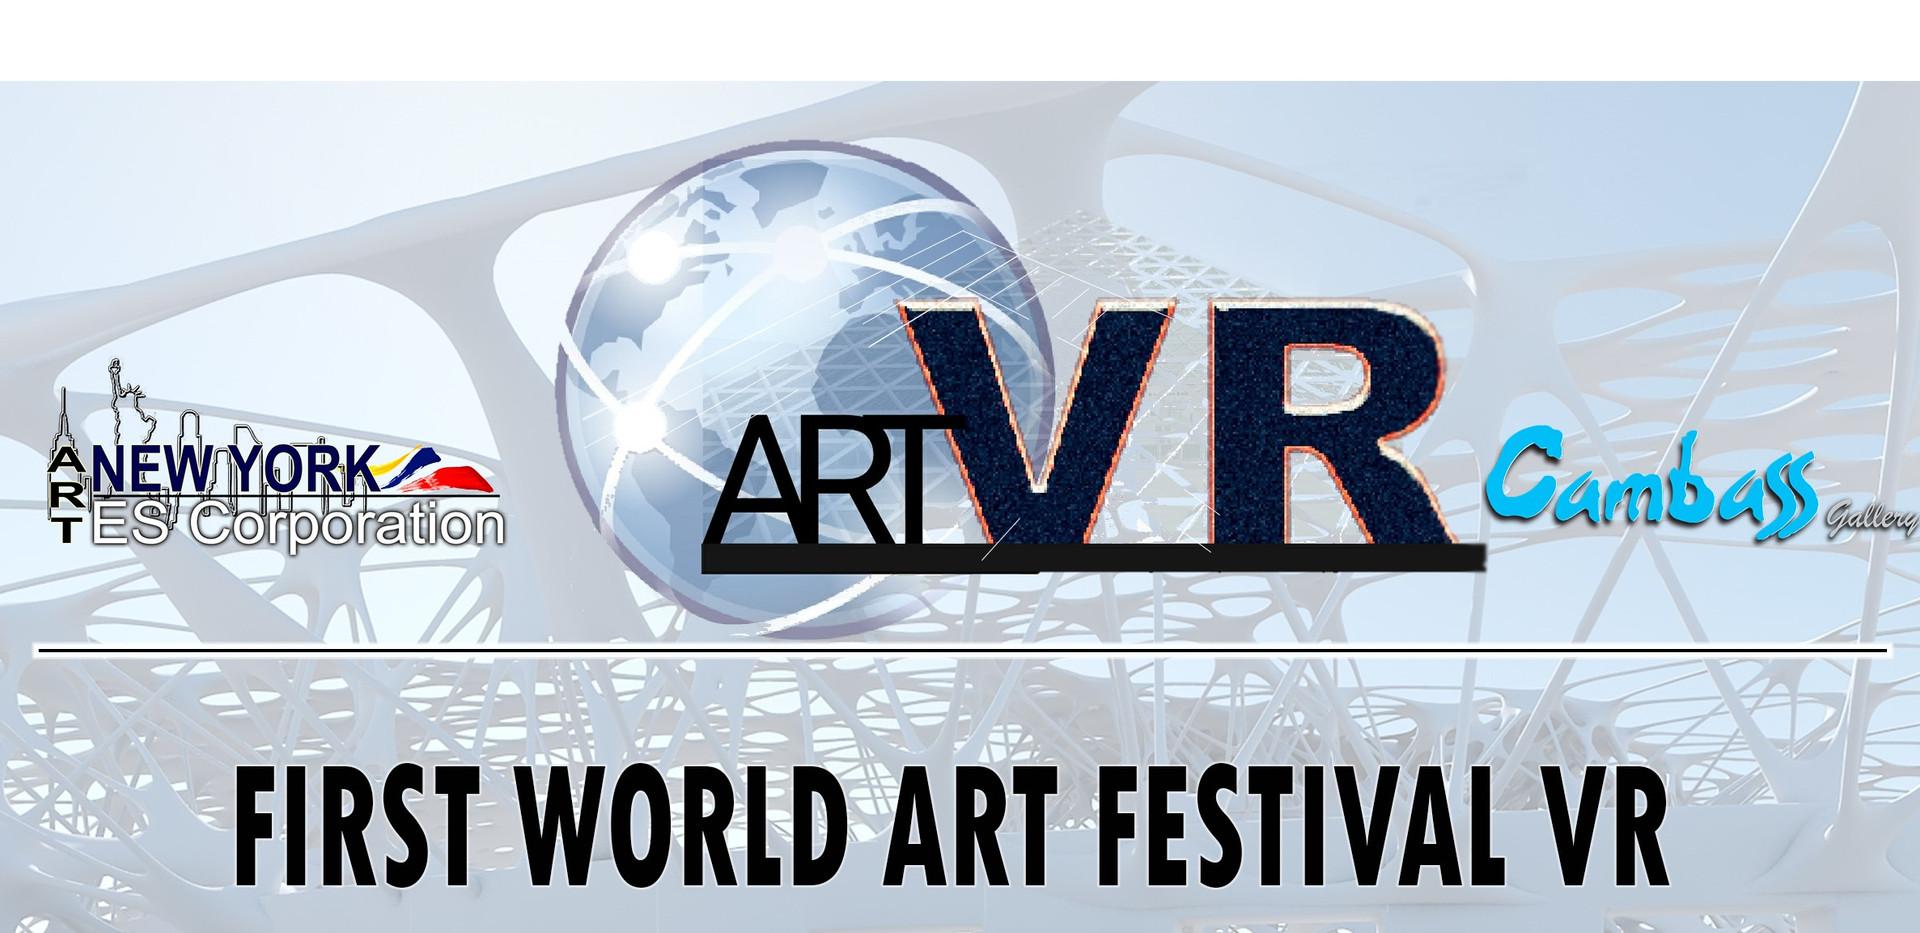 ARTVR CONVOCATORIA-Recovered.jpg